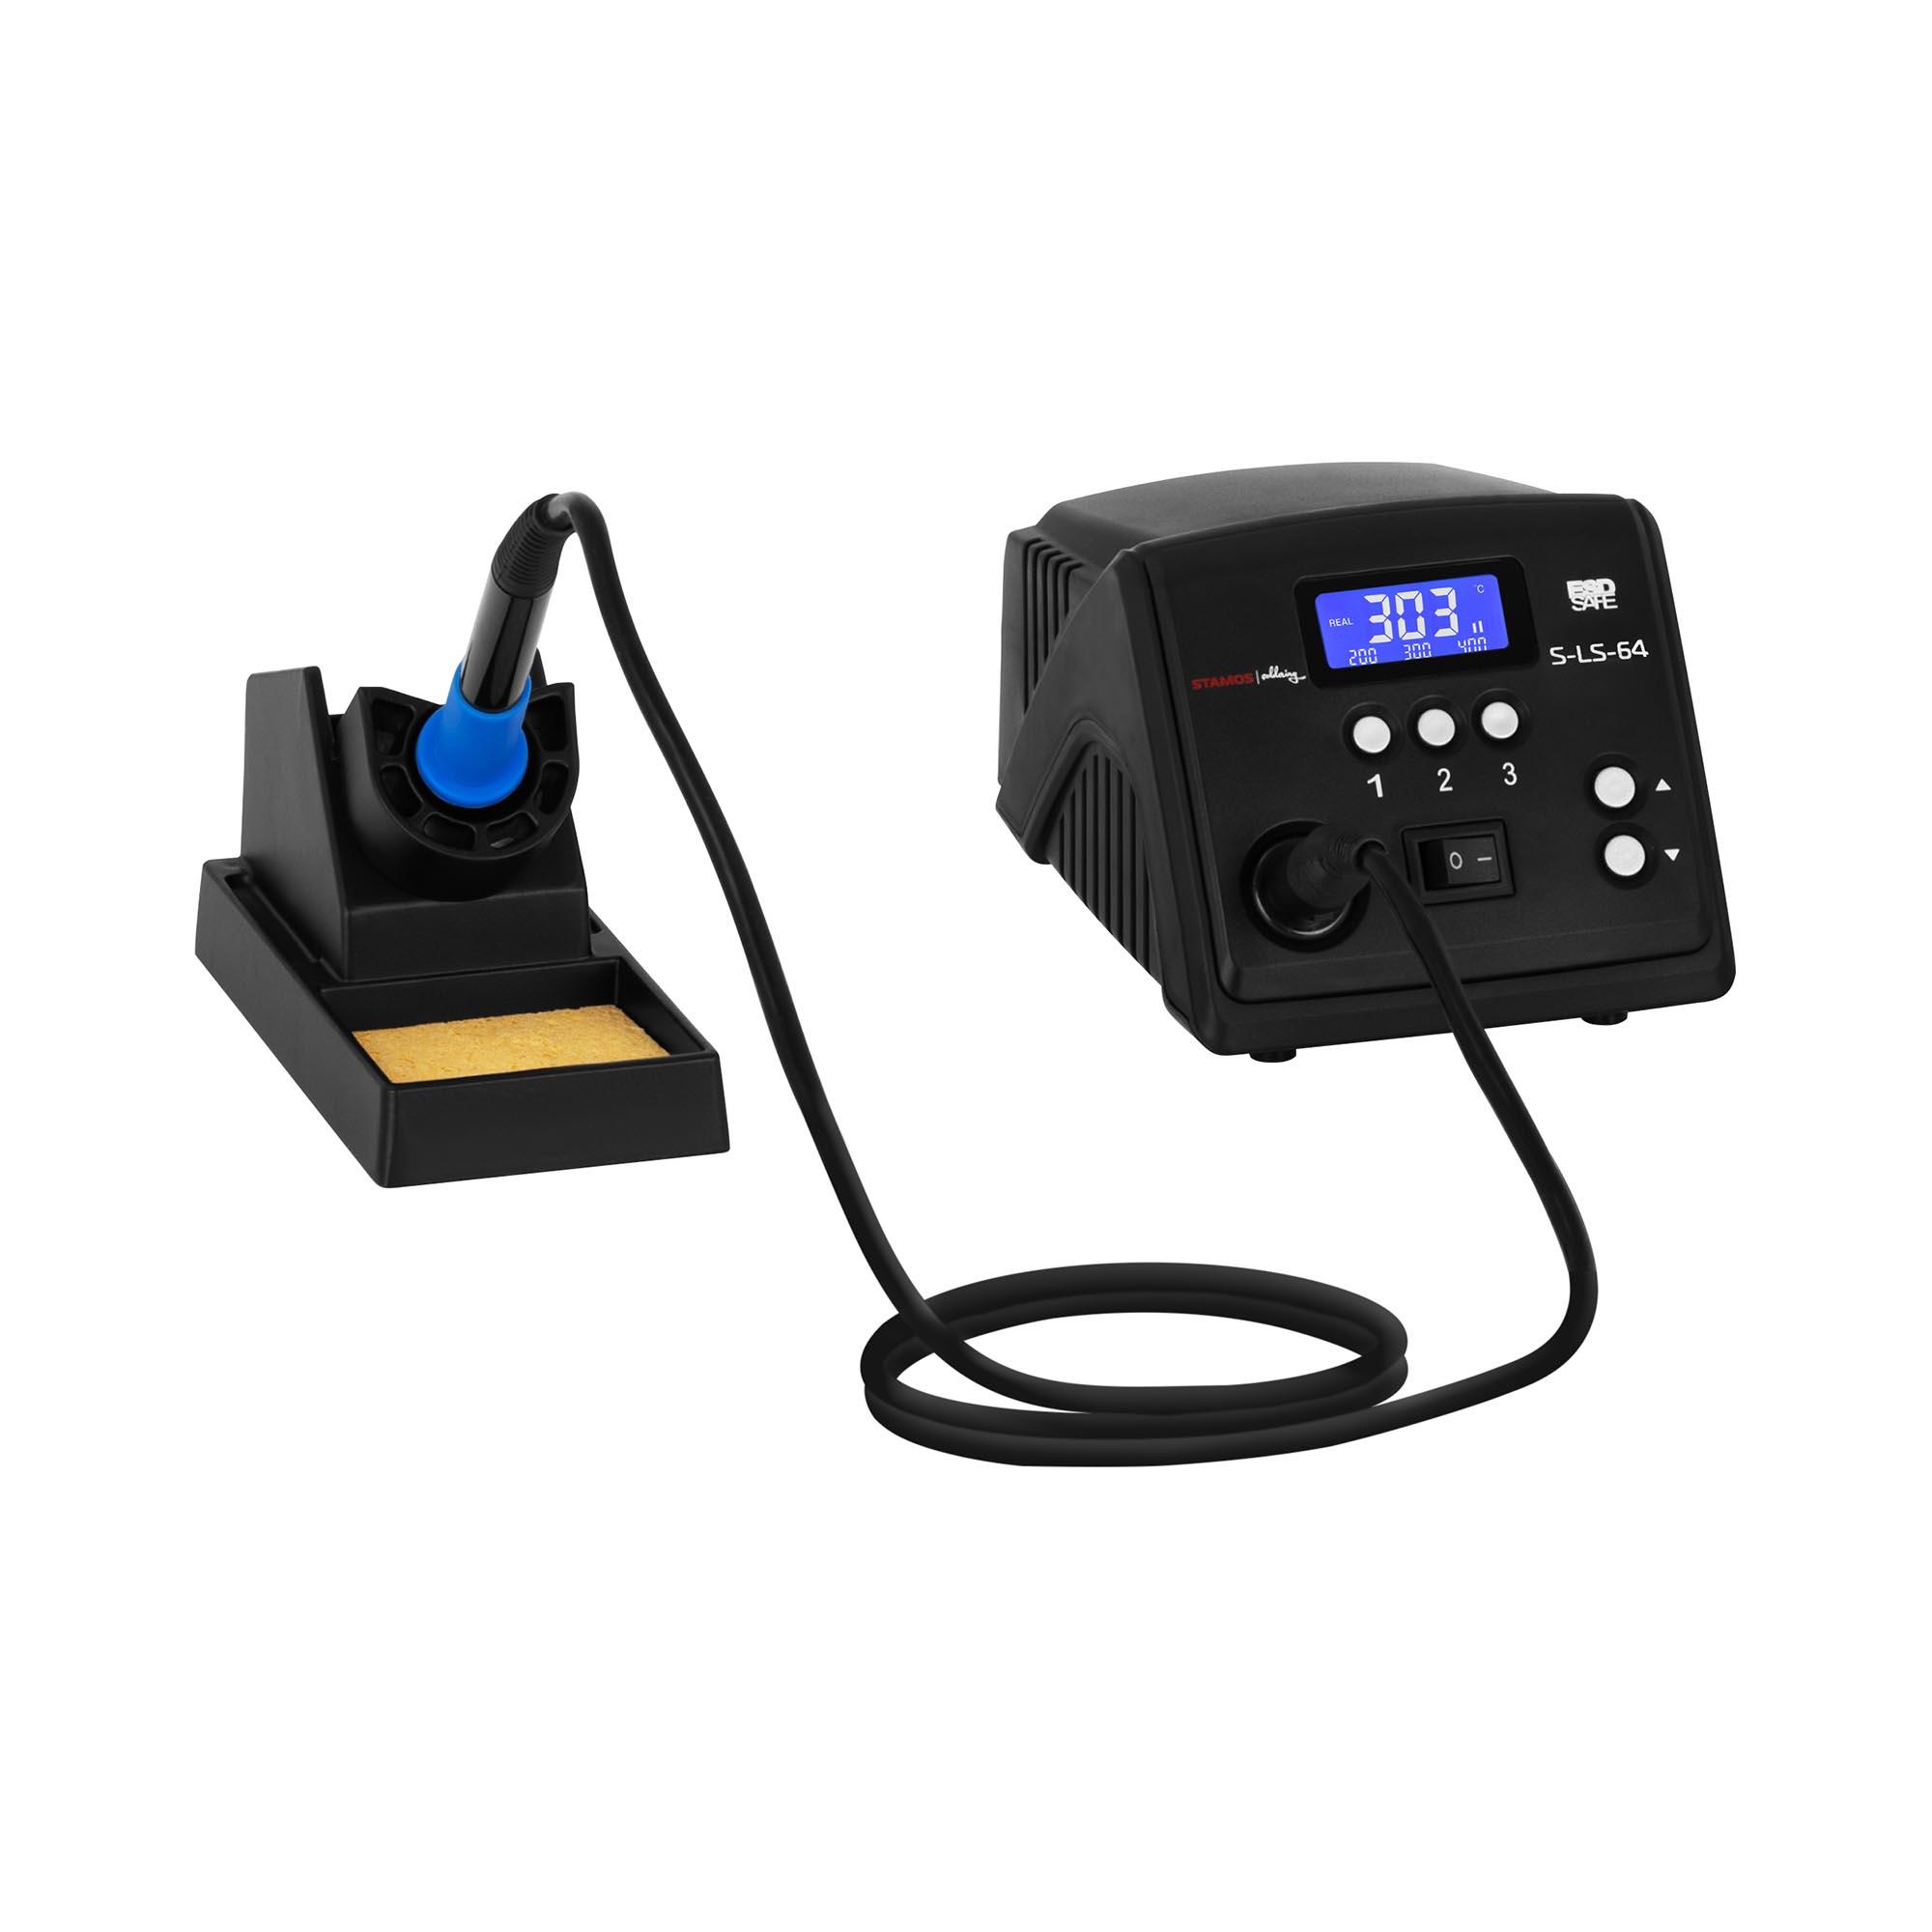 Stamos Soldering Lötstation - digital - mit Lötkolben und Lötkolbenablage - 80 W - LCD S-LS-64